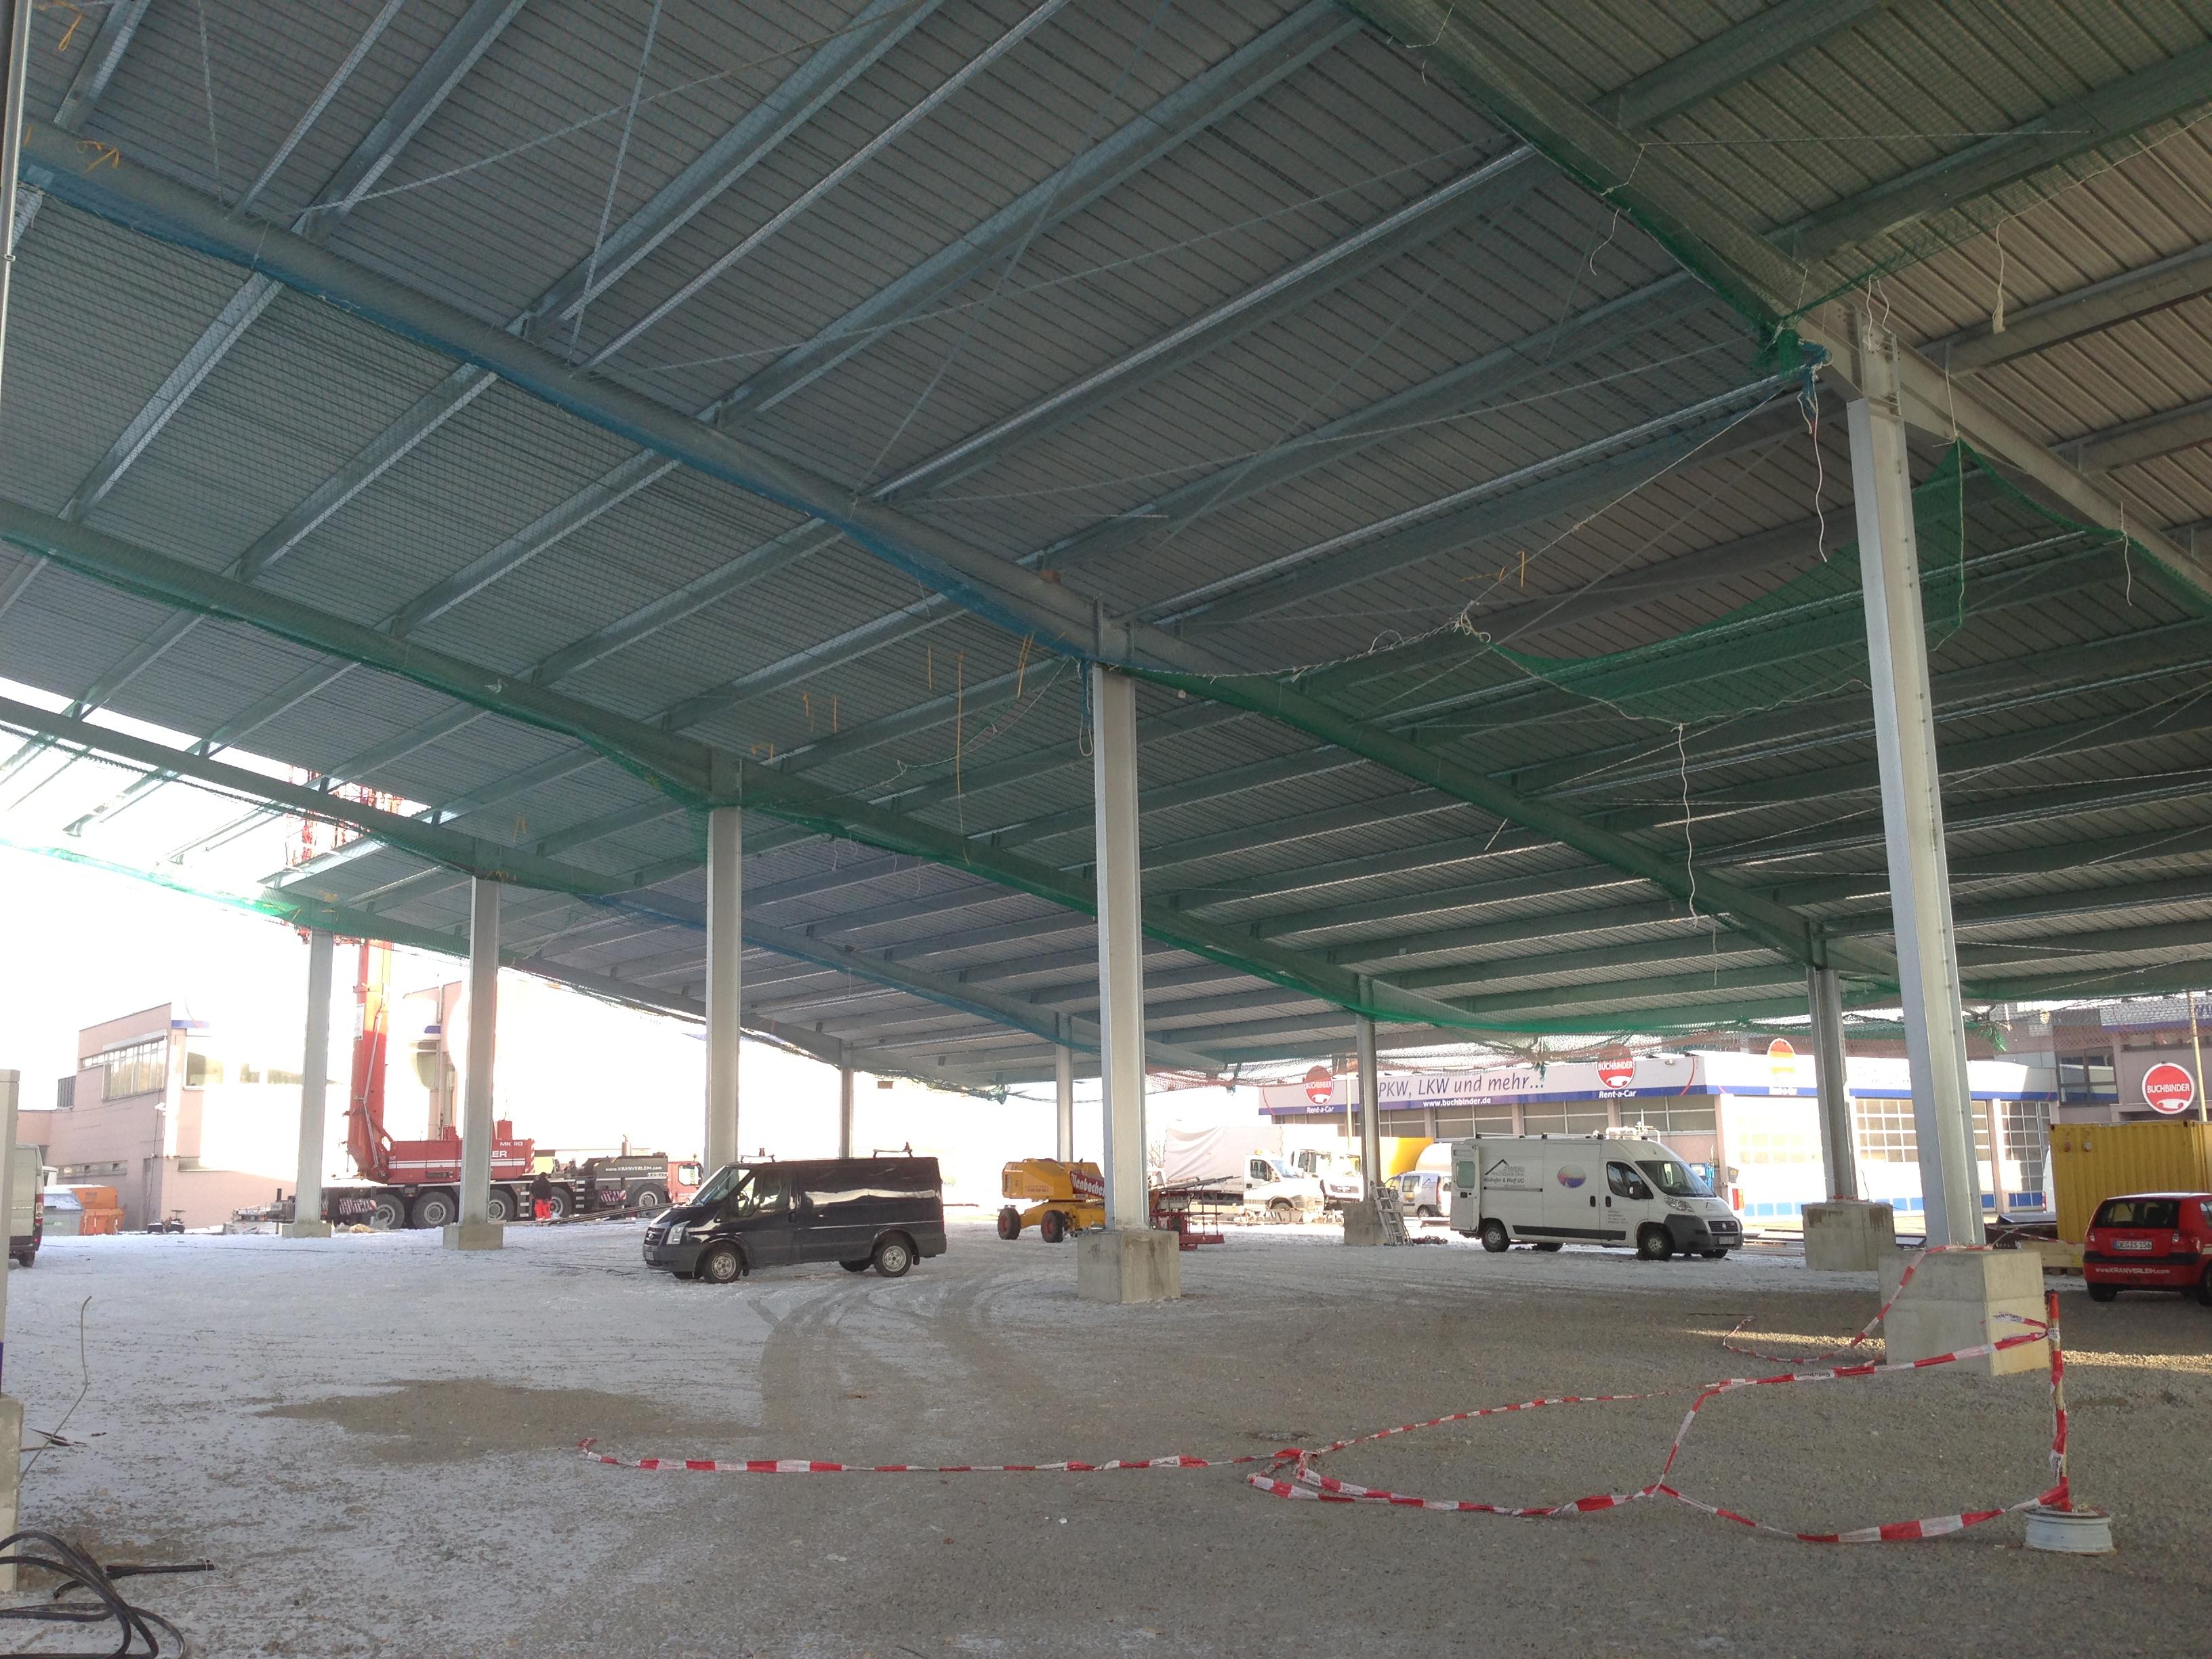 33 Errichtung einer offenen Fahrzeug-Unterstellhalle in Regensburg